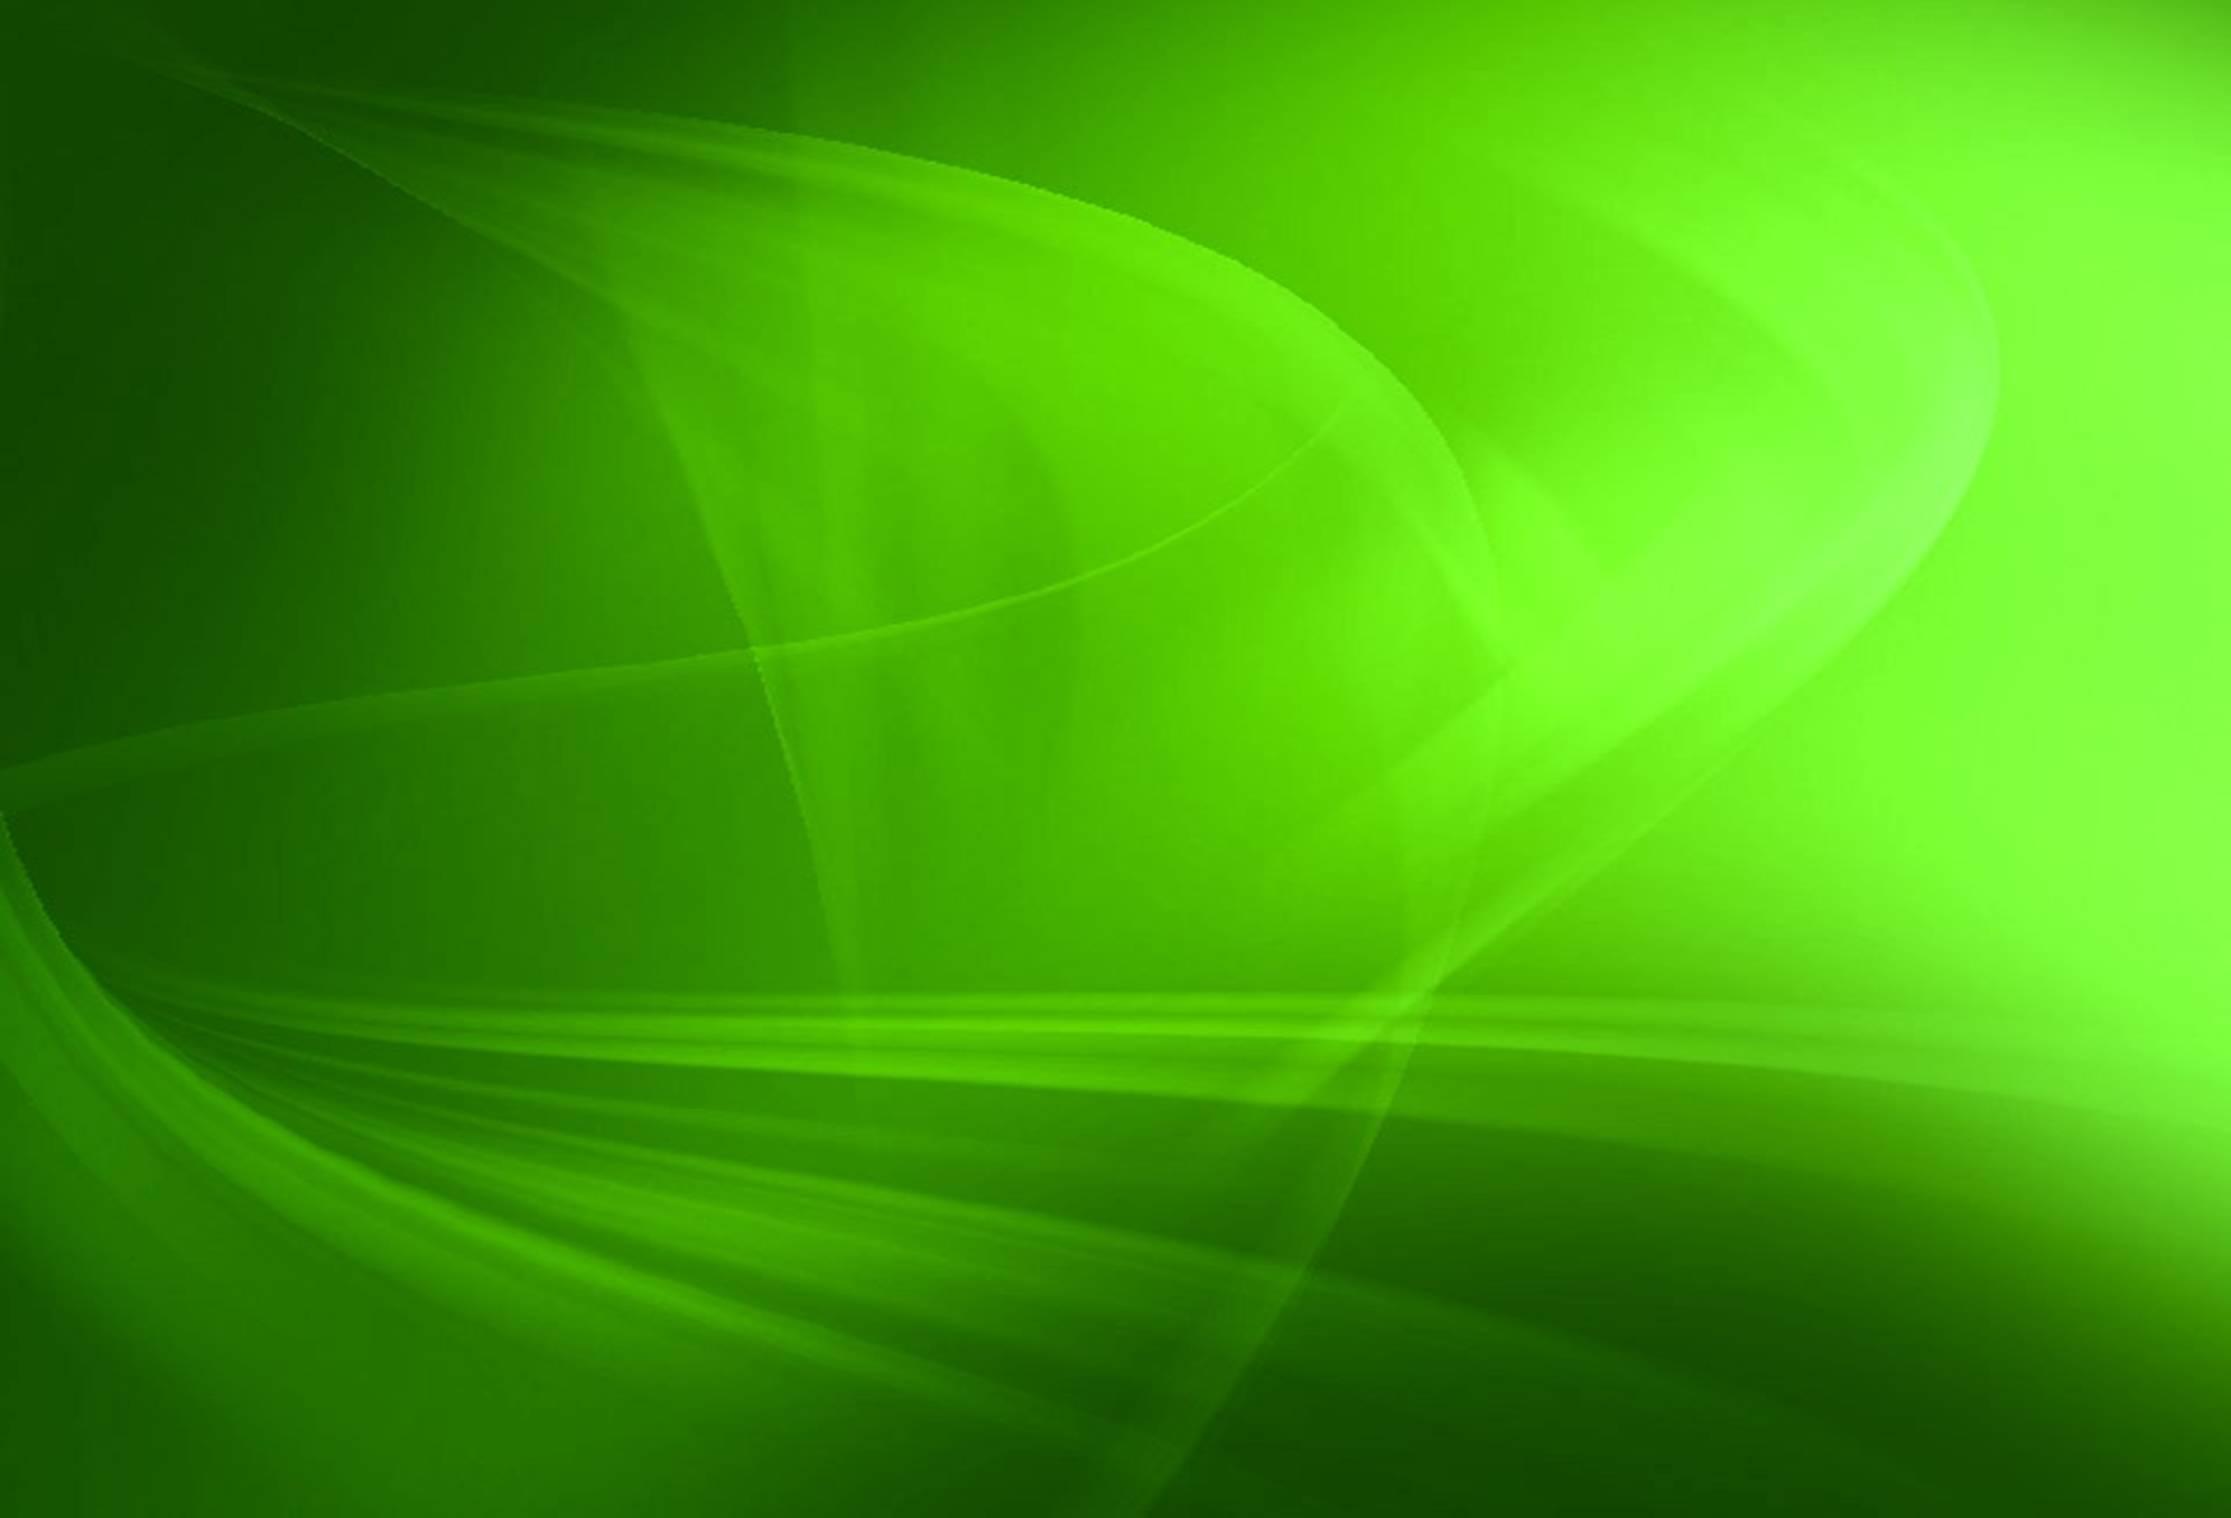 green-bg-new